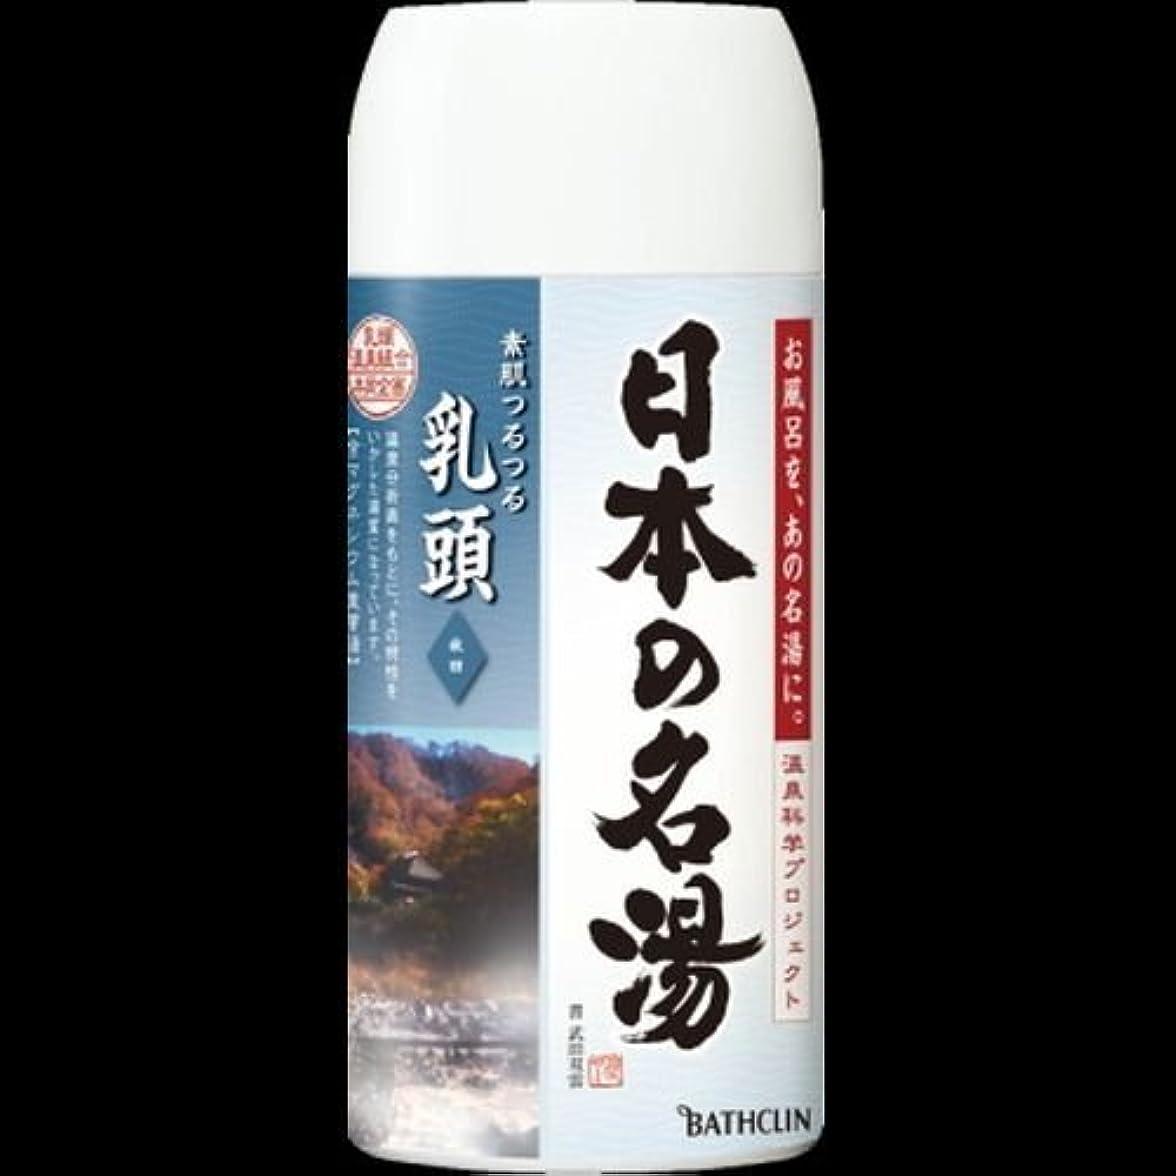 ペット強制的支出【まとめ買い】日本の名湯 乳頭 450g ×2セット